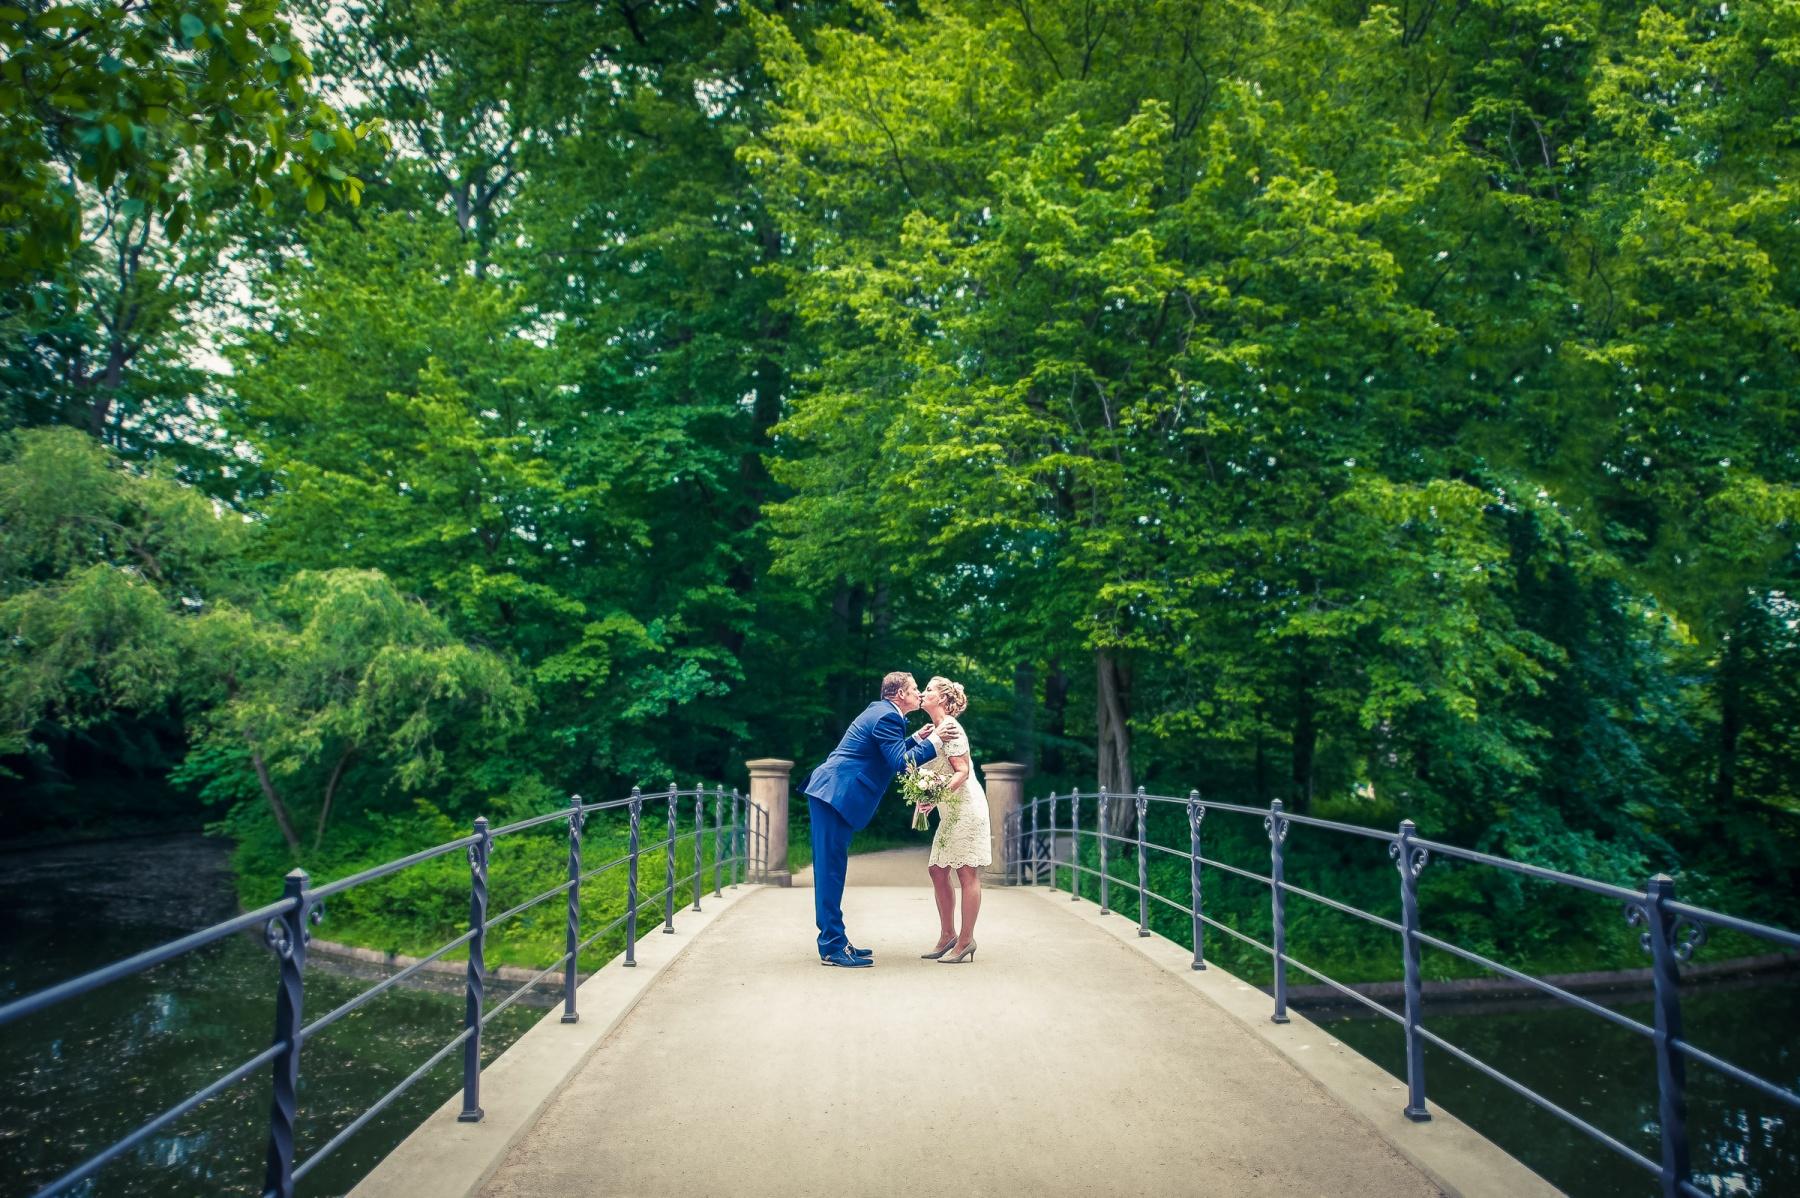 Brudepar kysser på bro i park. København